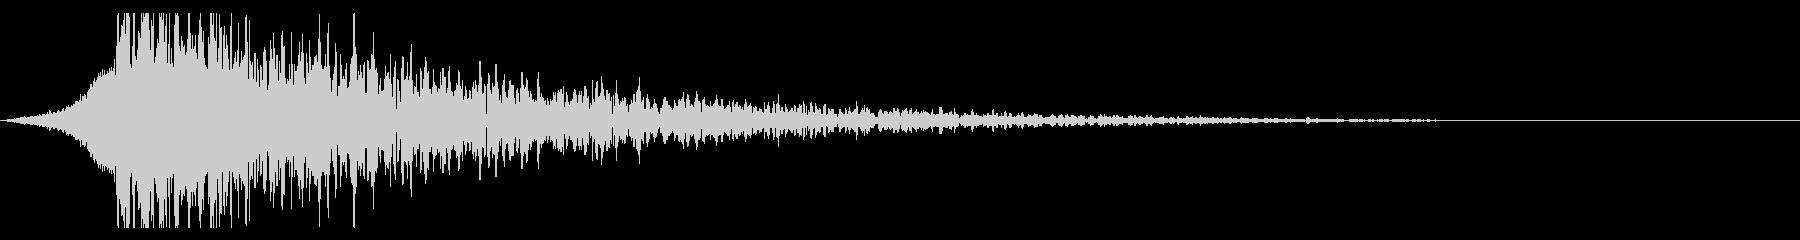 シュードーン-23-3(インパクト音)の未再生の波形